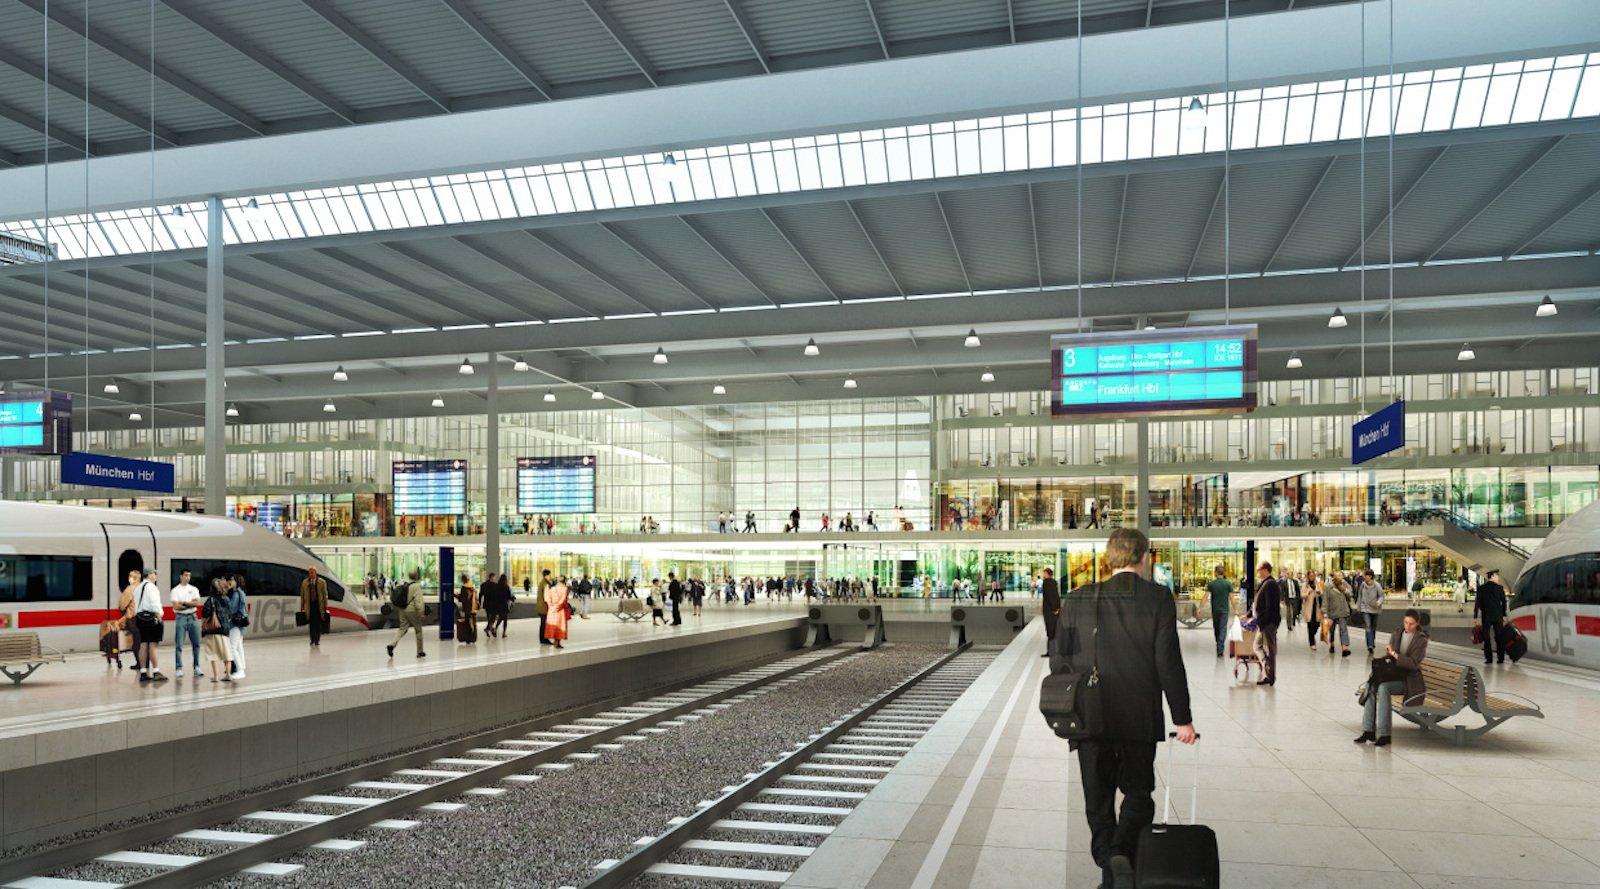 Bahnhöfe mit ihrer Hallenarchitektur haben fast immer mit dem Problem des Nachhalls zu kämpfen.